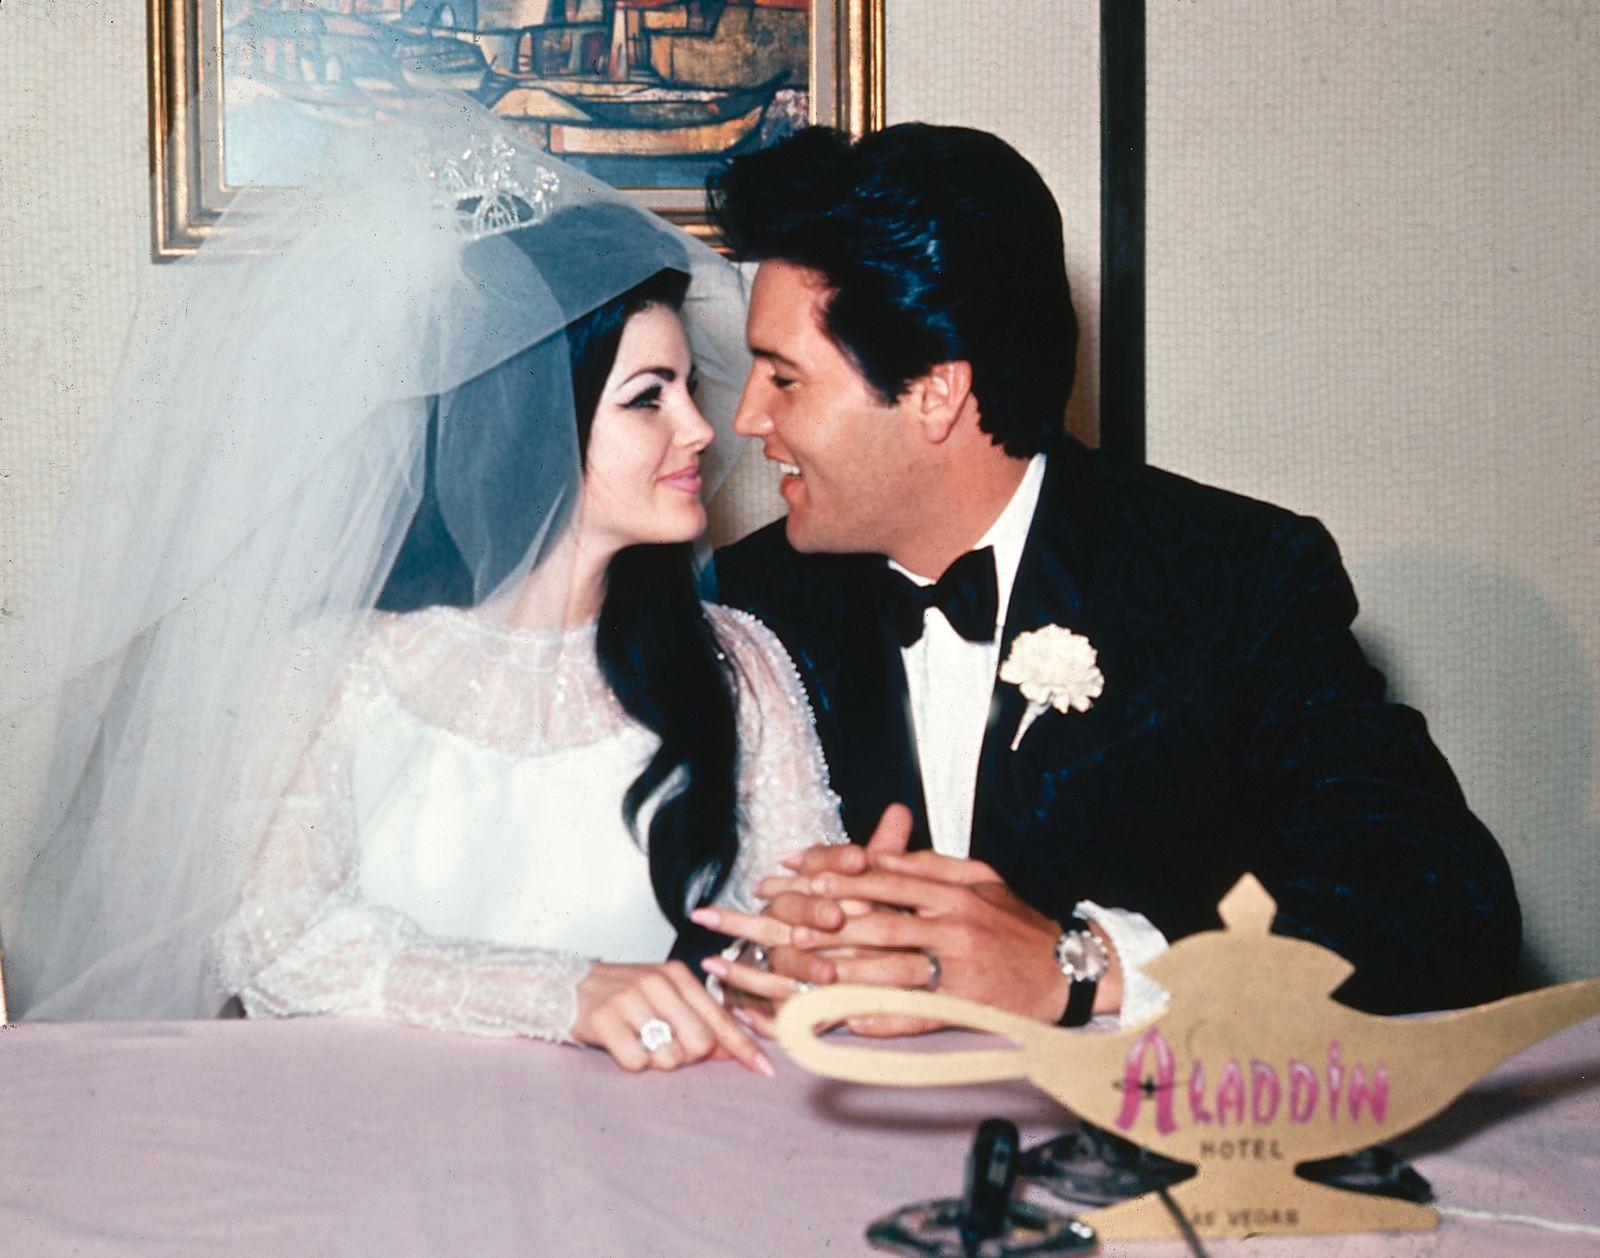 Elvis Presley - NEWLYWEDS PRICILLA ELVIS PRESLEY